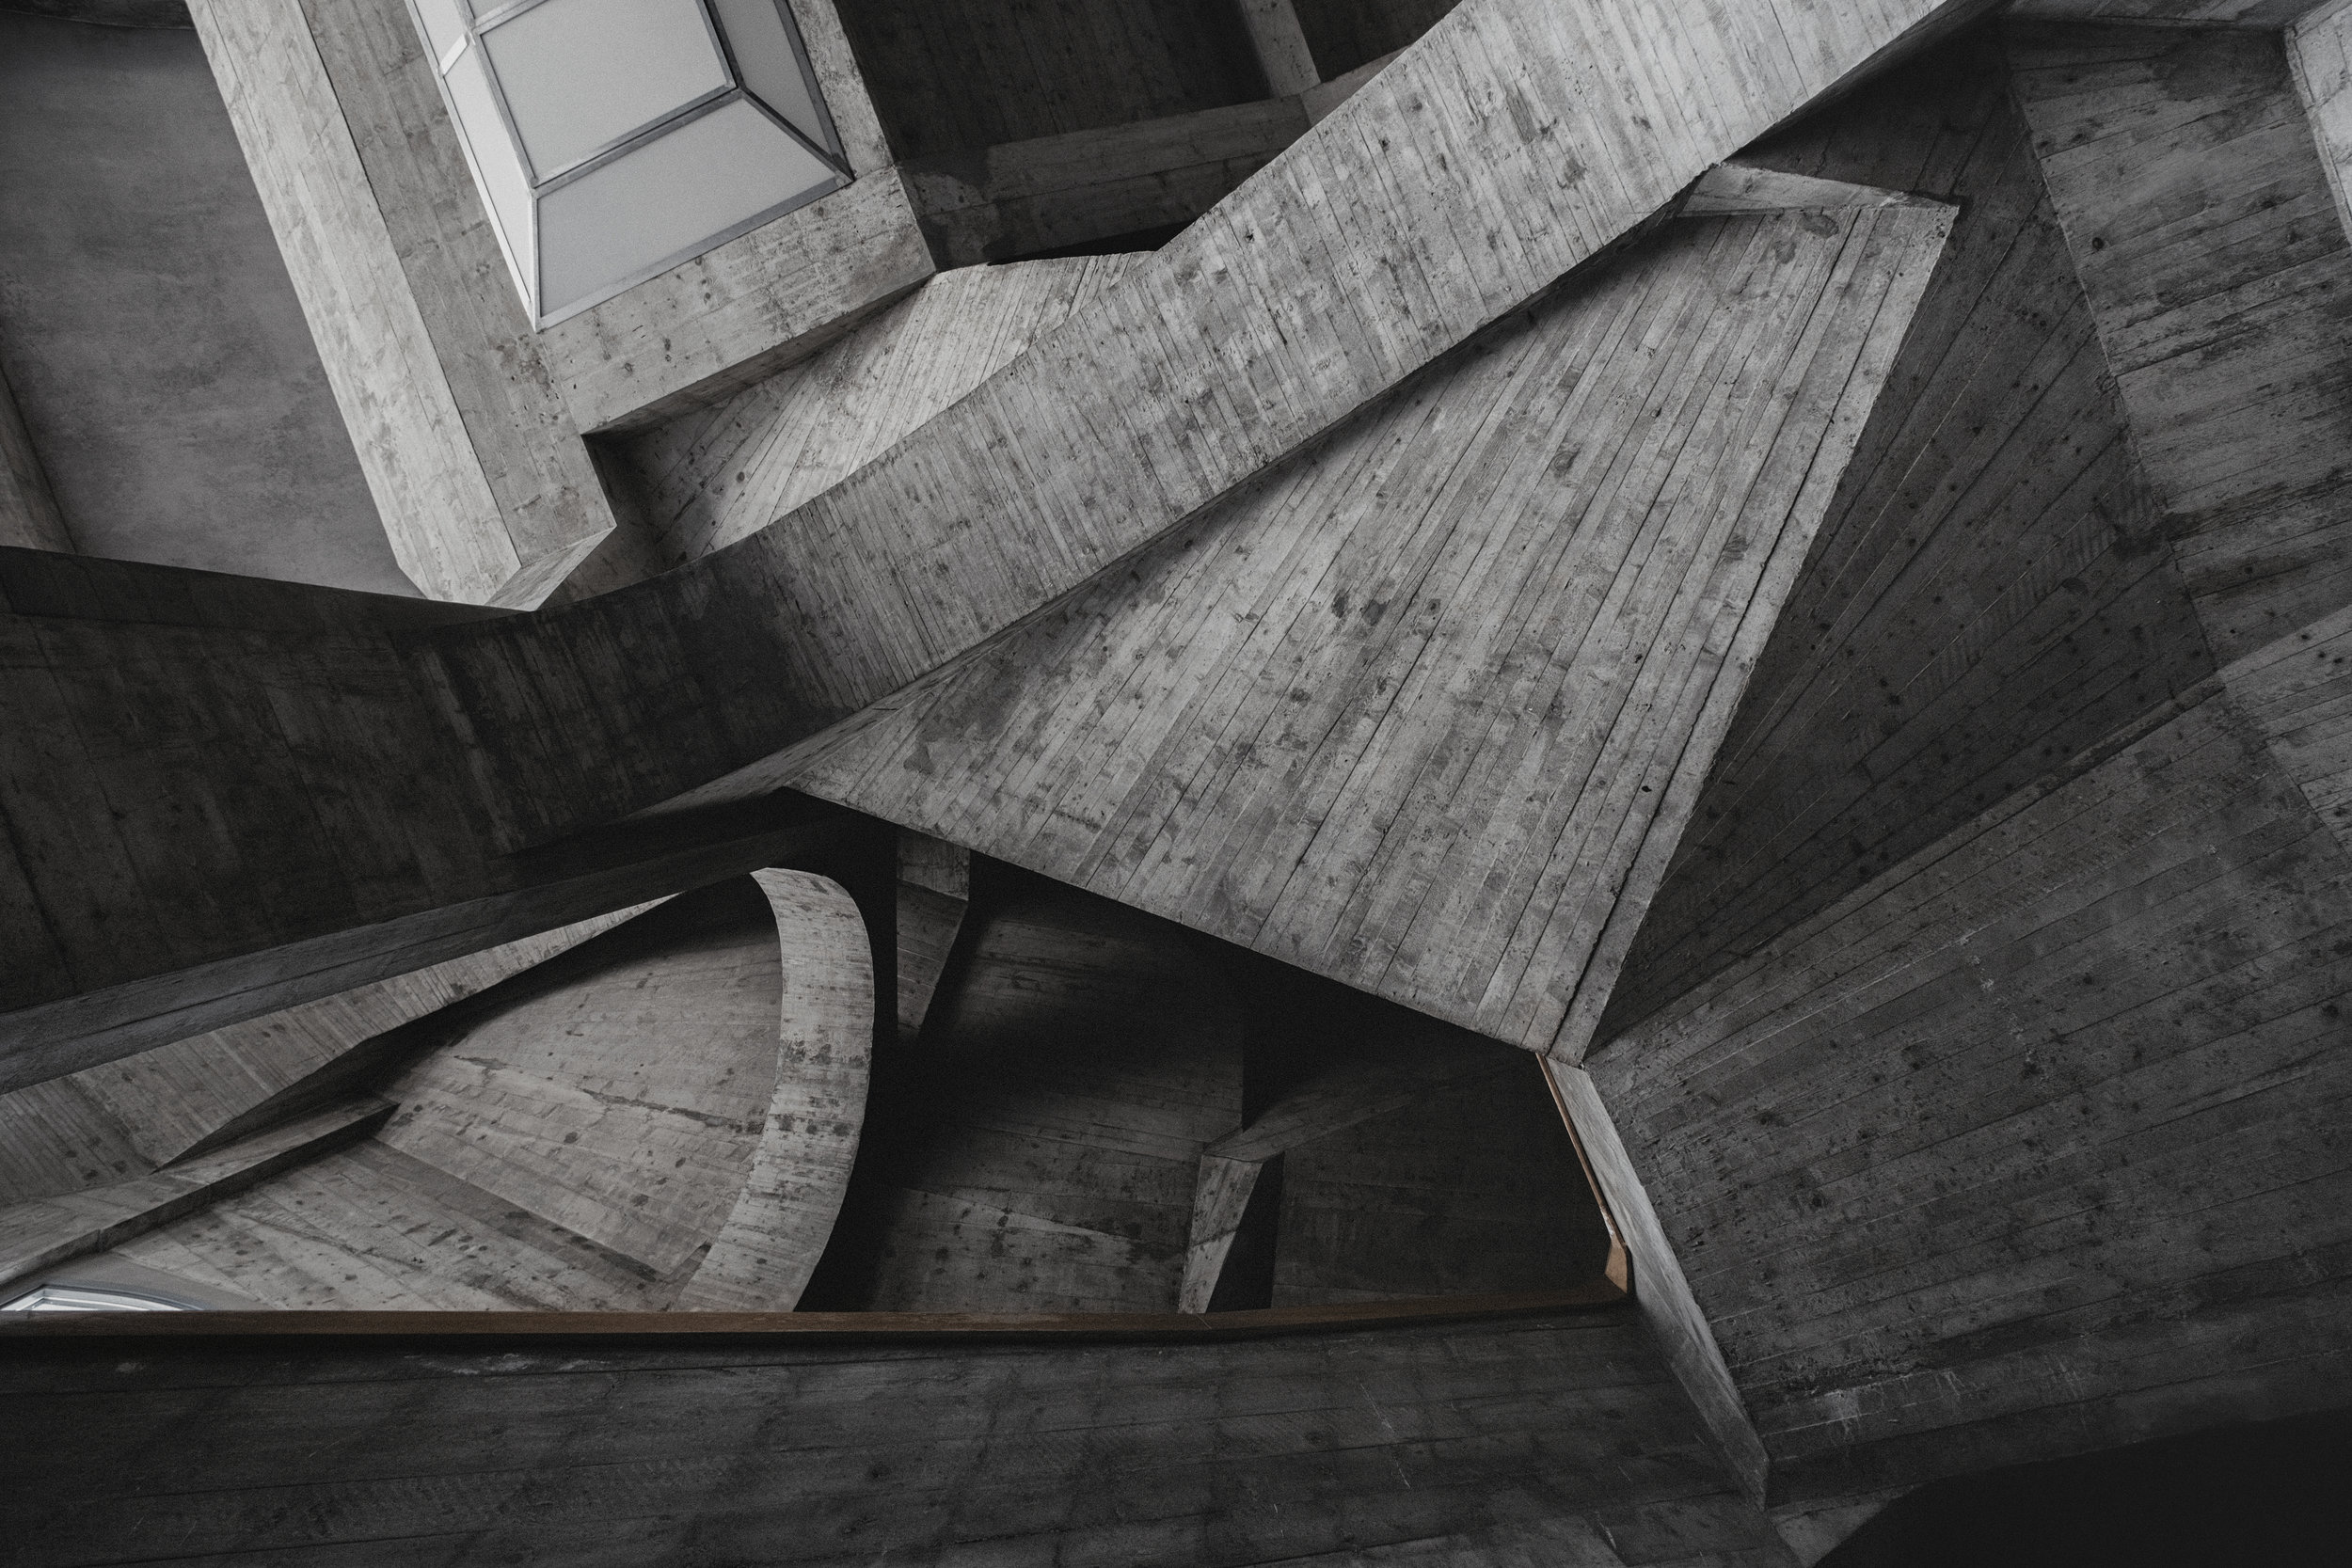 Goetheanum_2019_MTD_385-Edit.jpg